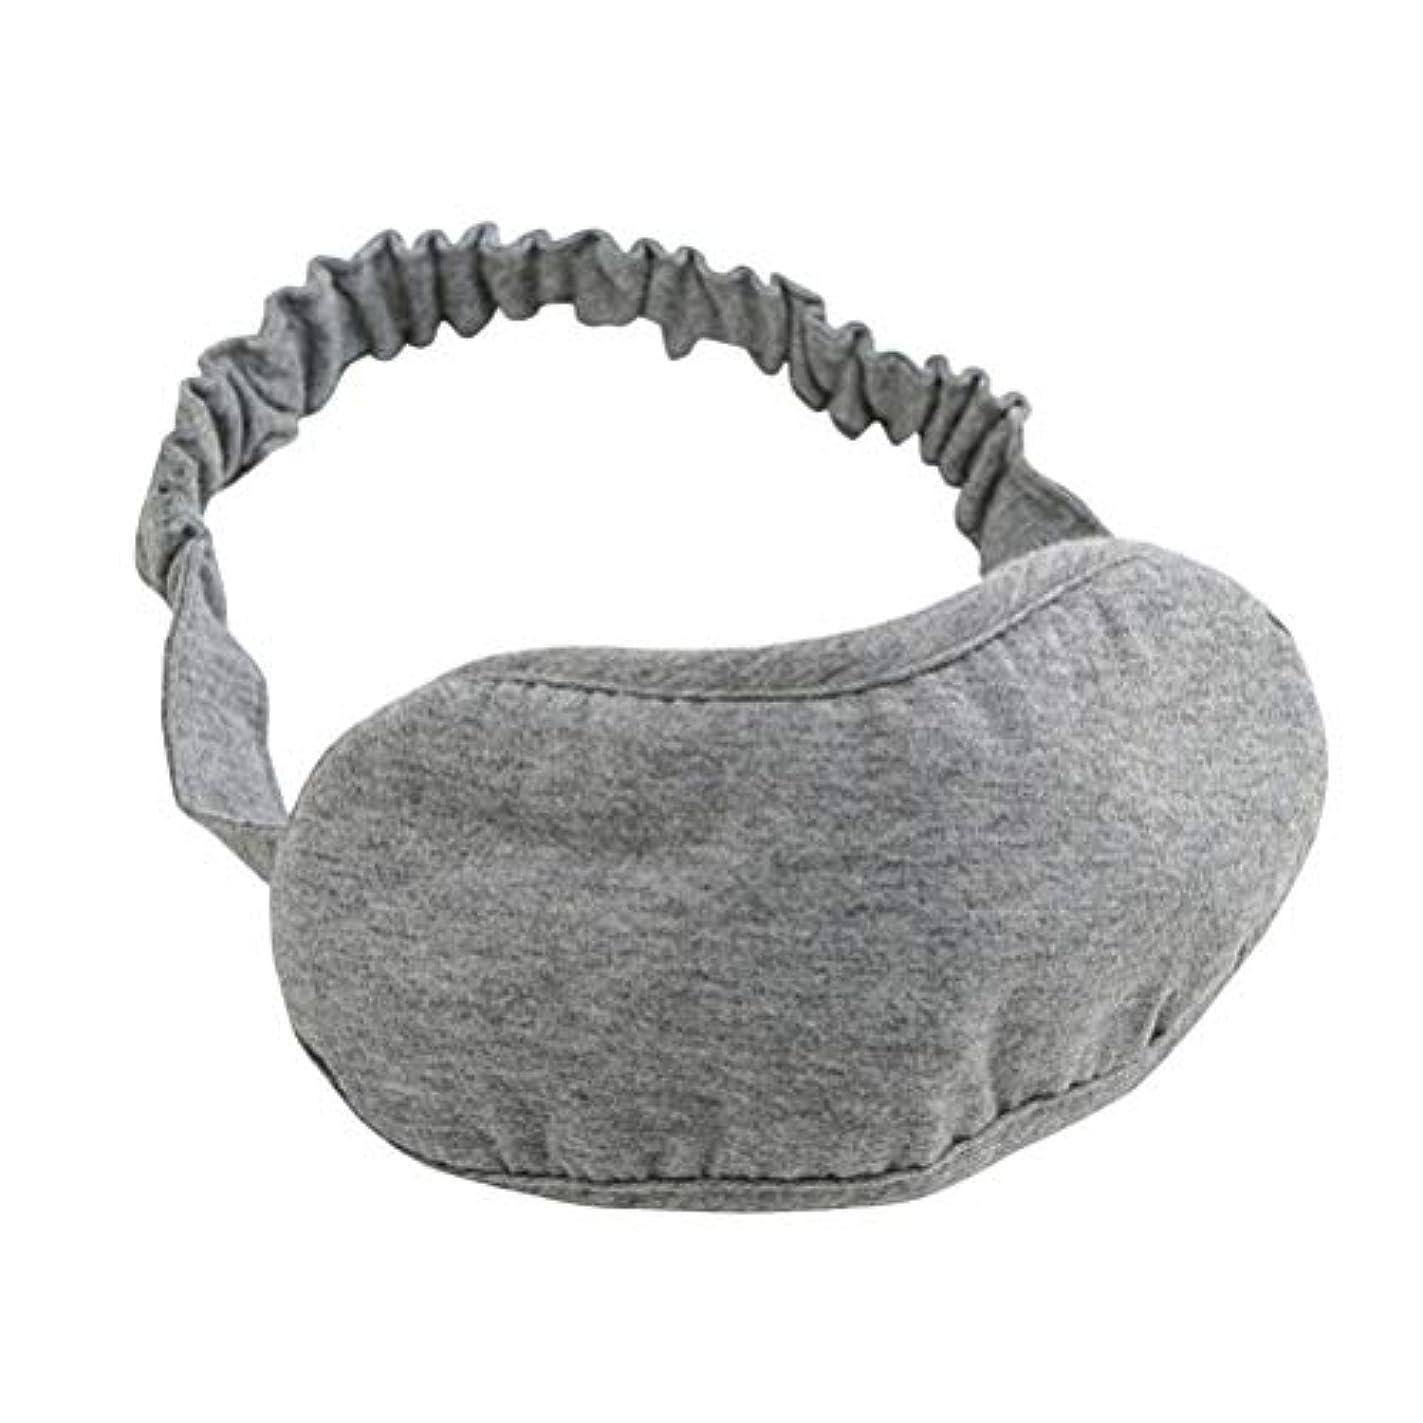 ペグ成功した征服者HEALIFTY 睡眠目隠しコットンアイマスクアイシェードナップカバー厚い目隠しスリーピングレストトラベルオフィス用アイパッチ(グレー)